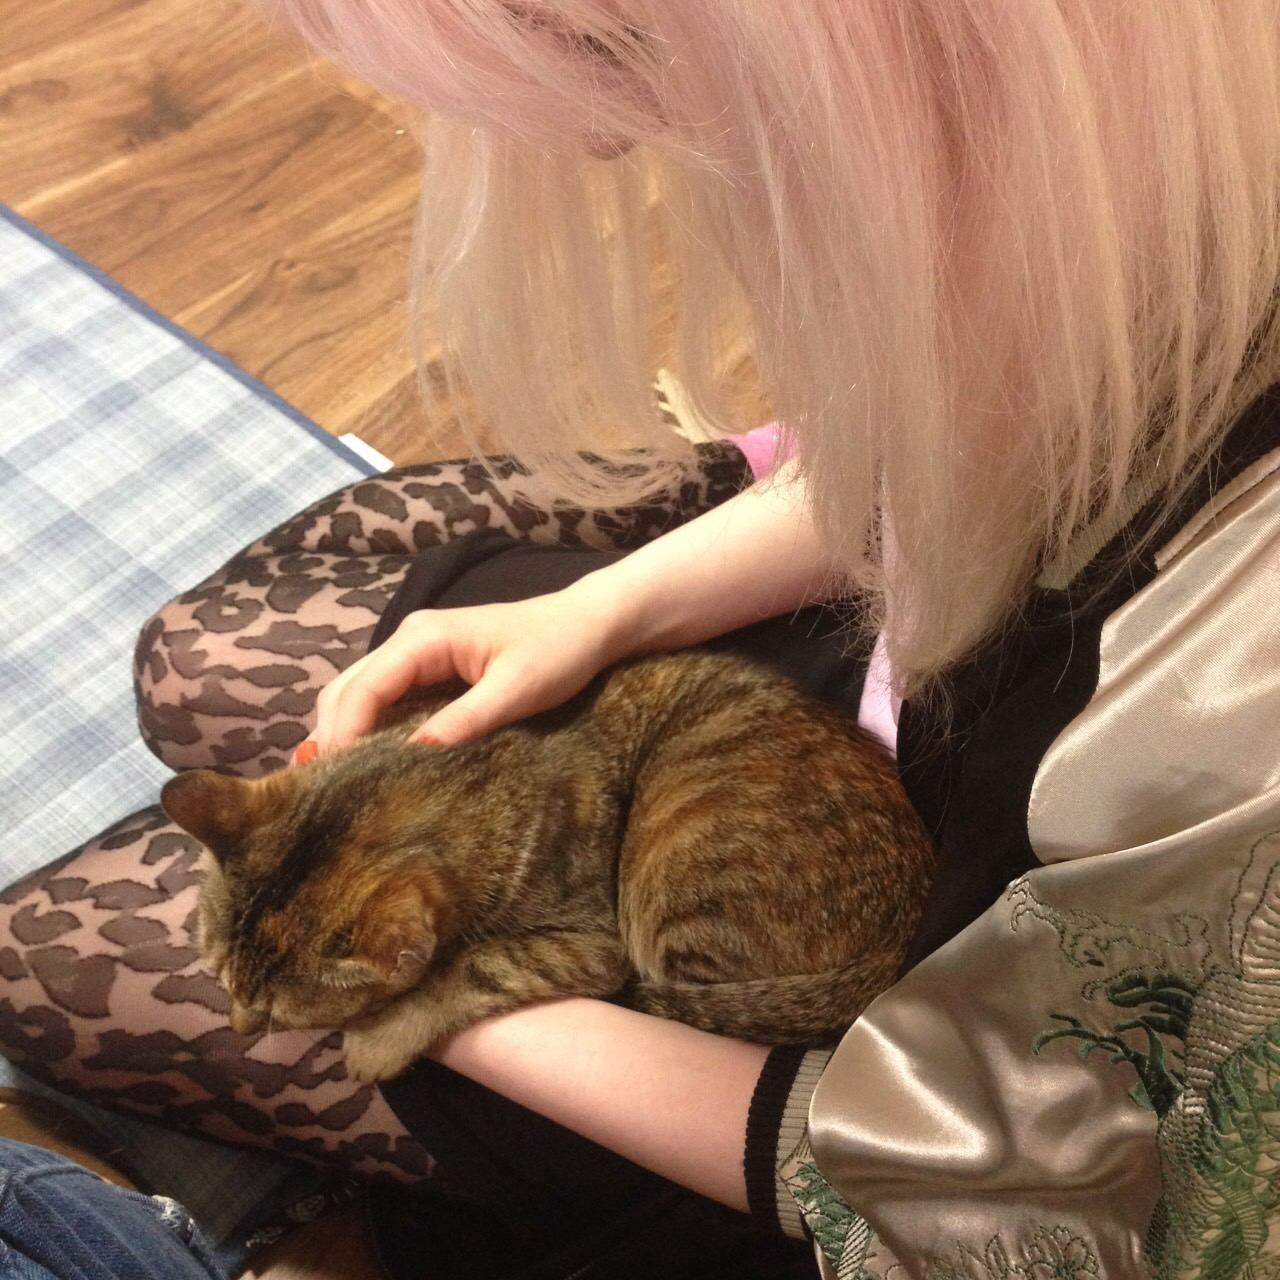 Cat Cafe in Ibaraki, Japan